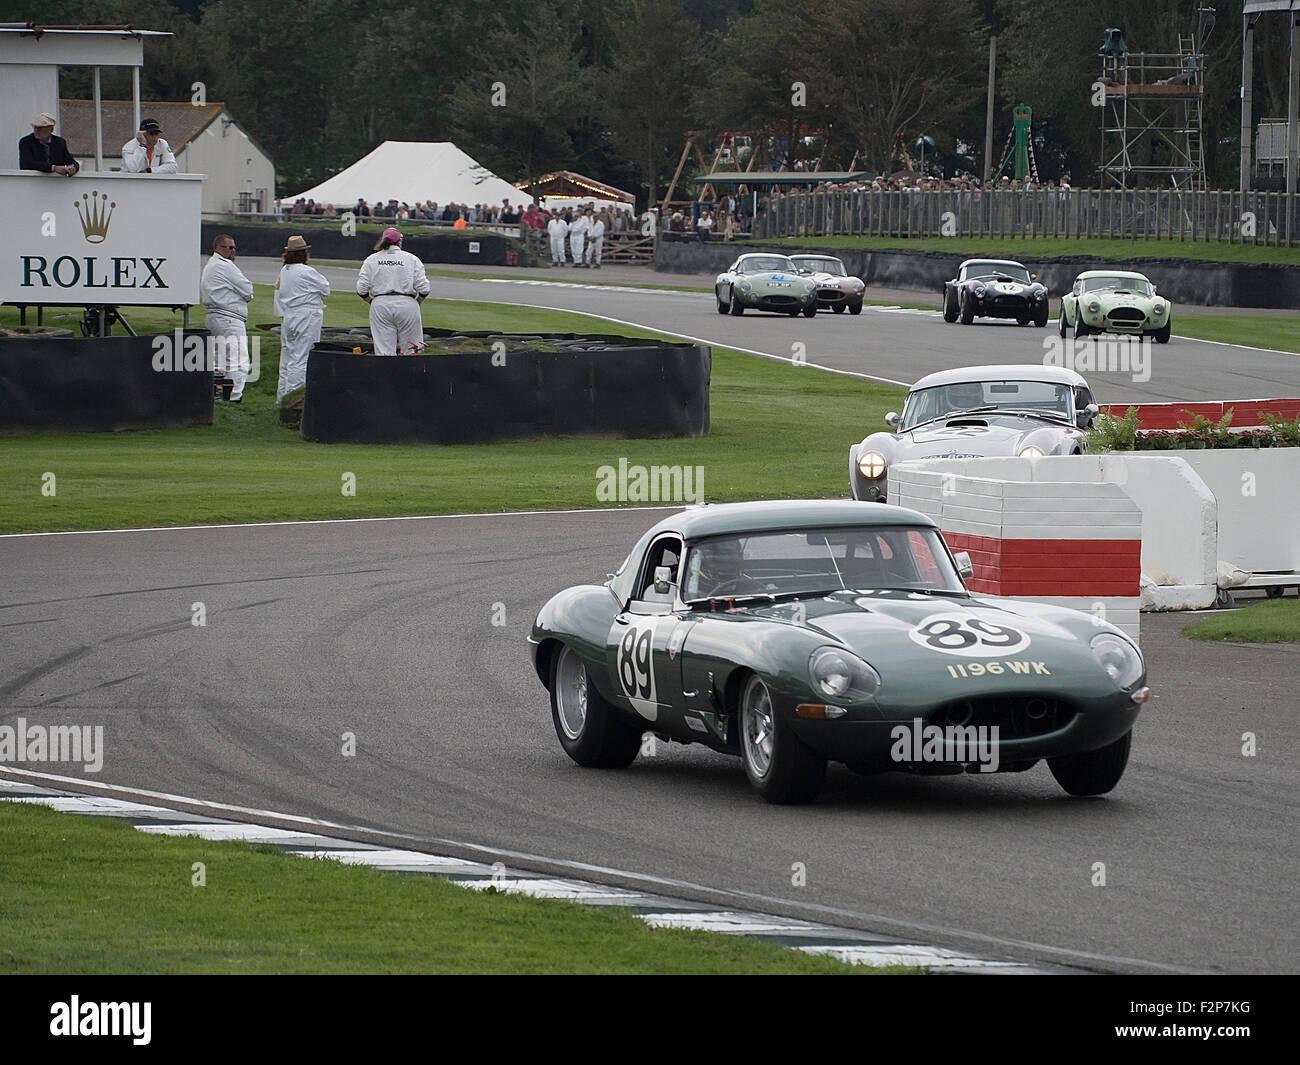 Goodwood Revival 2015 Royal Automobile Club TT Feier Rennen. Jaguar-leichte E-Type verlassen die Schikane. Gewinner. Stockbild